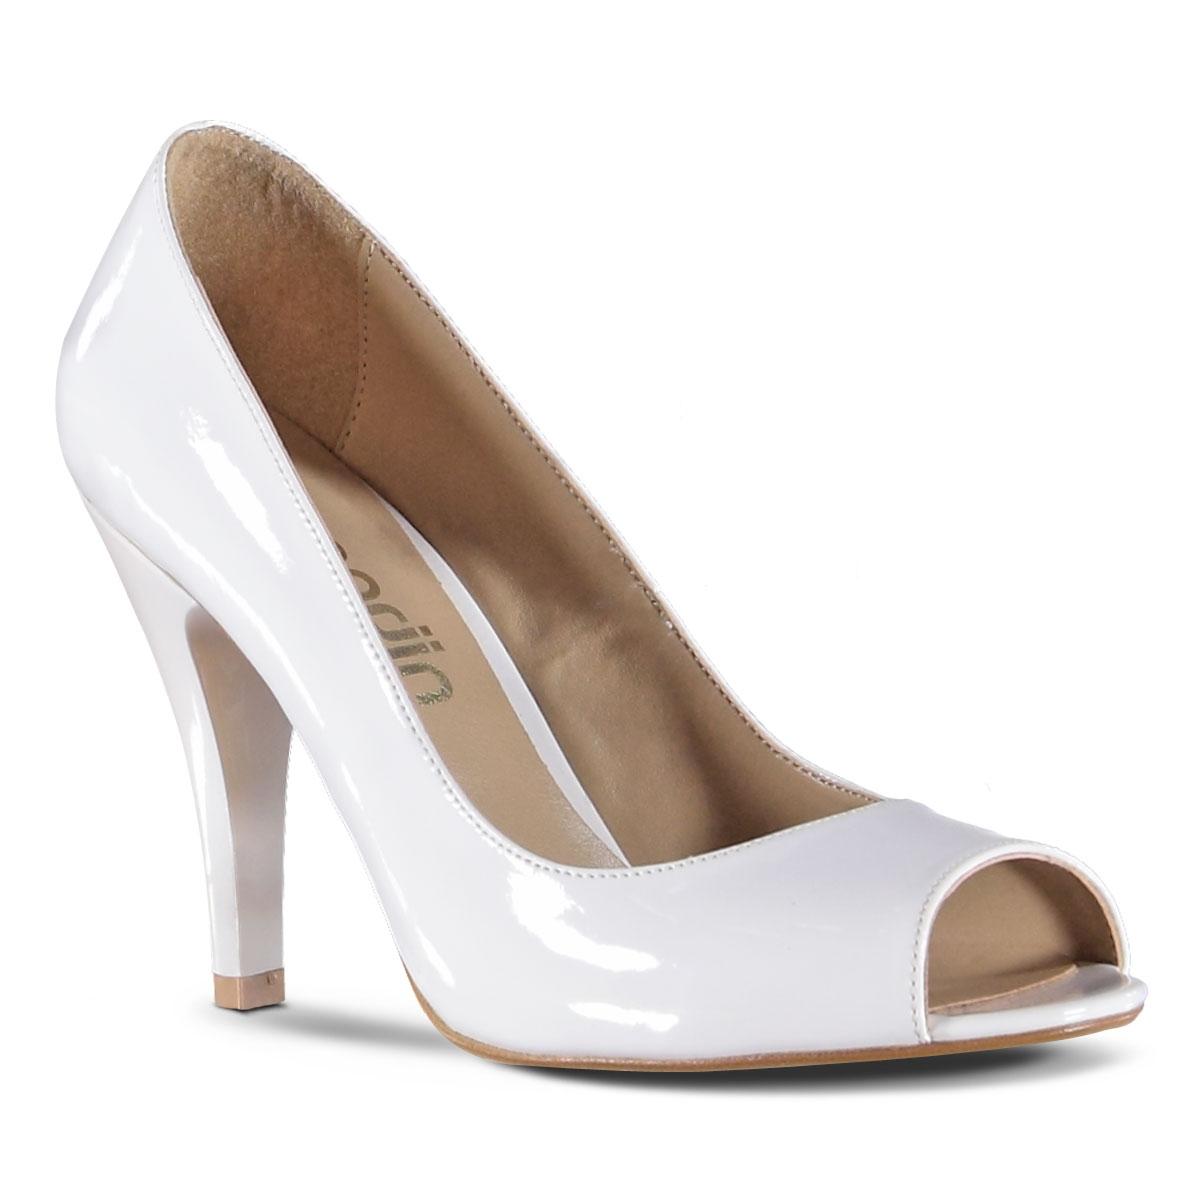 beyaz-topuklu-gelin-ayakkabi-modelleri-6